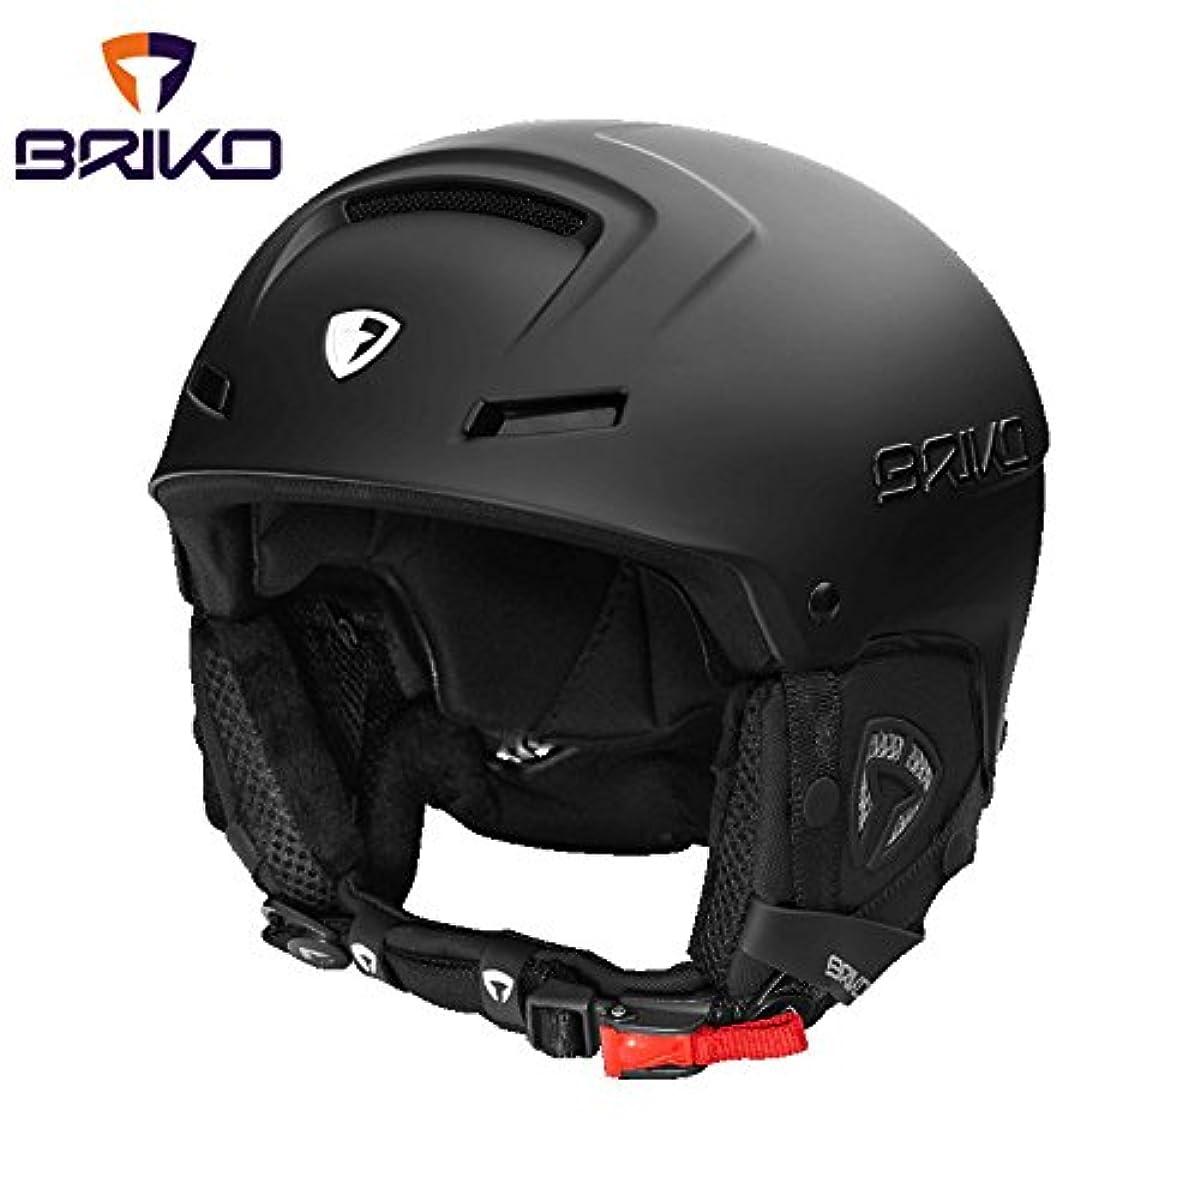 [해외] BRIKO(브리고)FAITO 프리 라이드 스키 헬멧 맨즈 레이디스 945(블랙) 20001M0- (SIZE:M-L|COLOR:945)